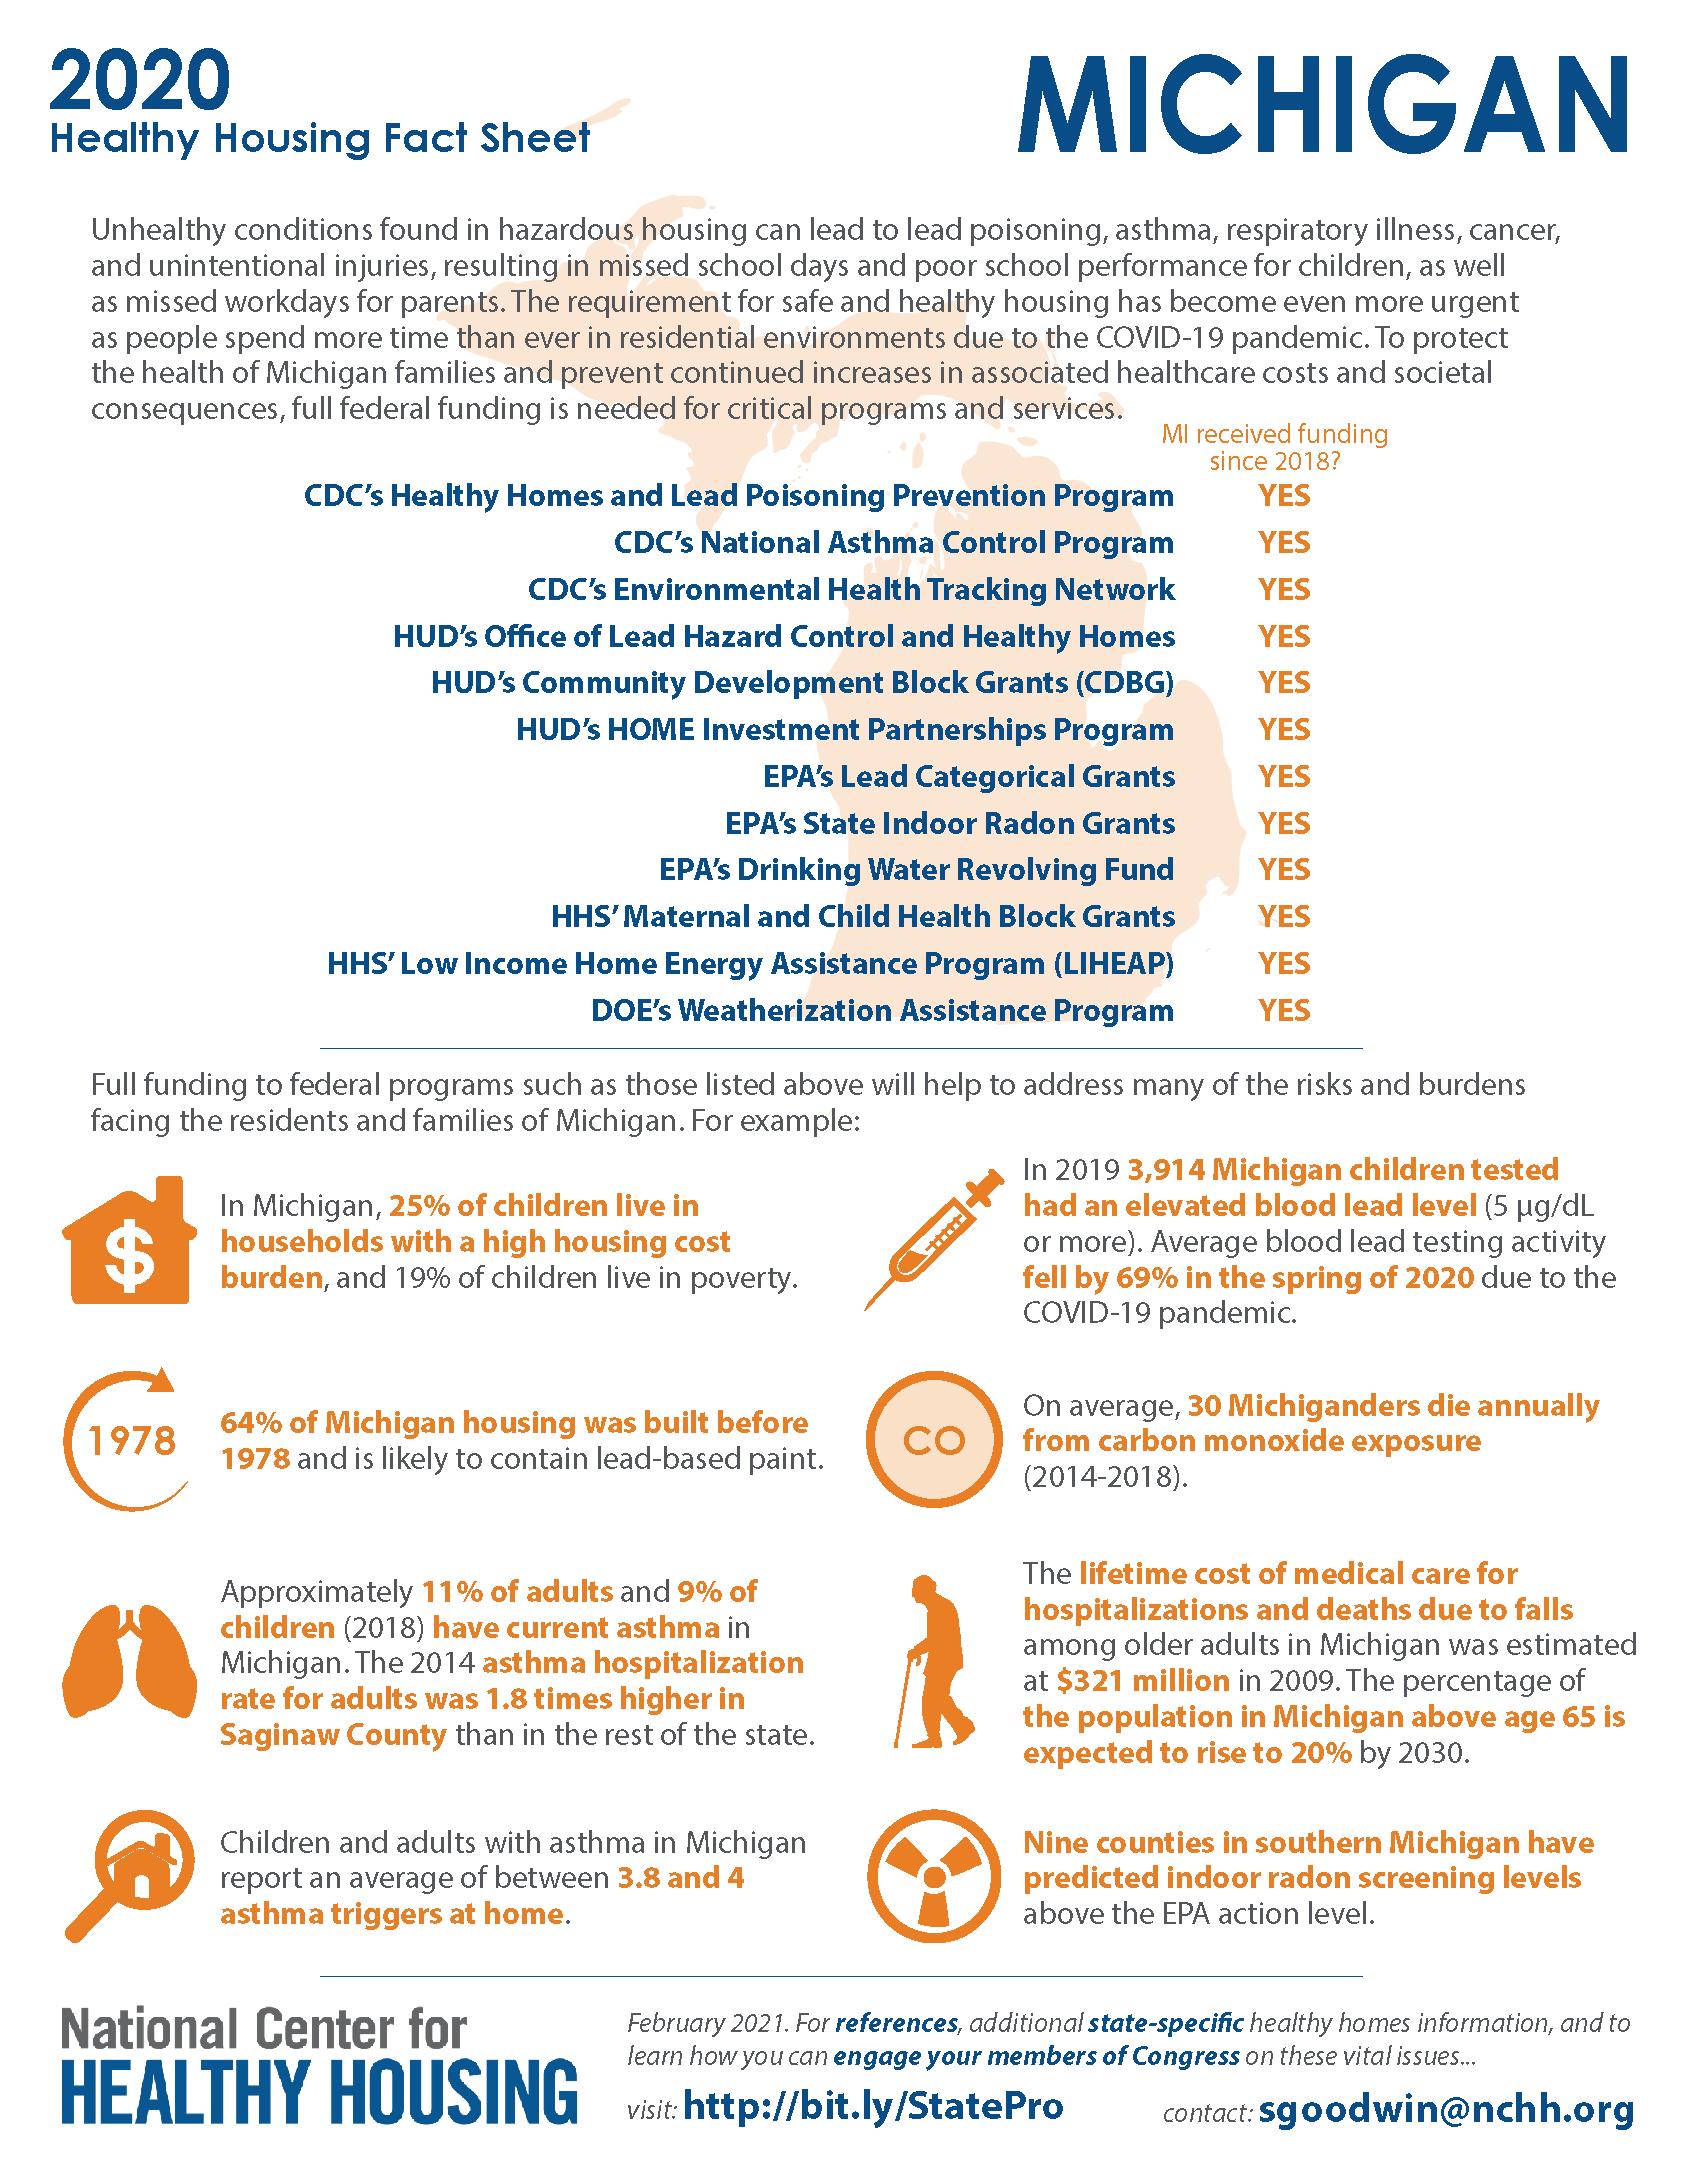 Healthy Housing Fact Sheet - Michigan 2020